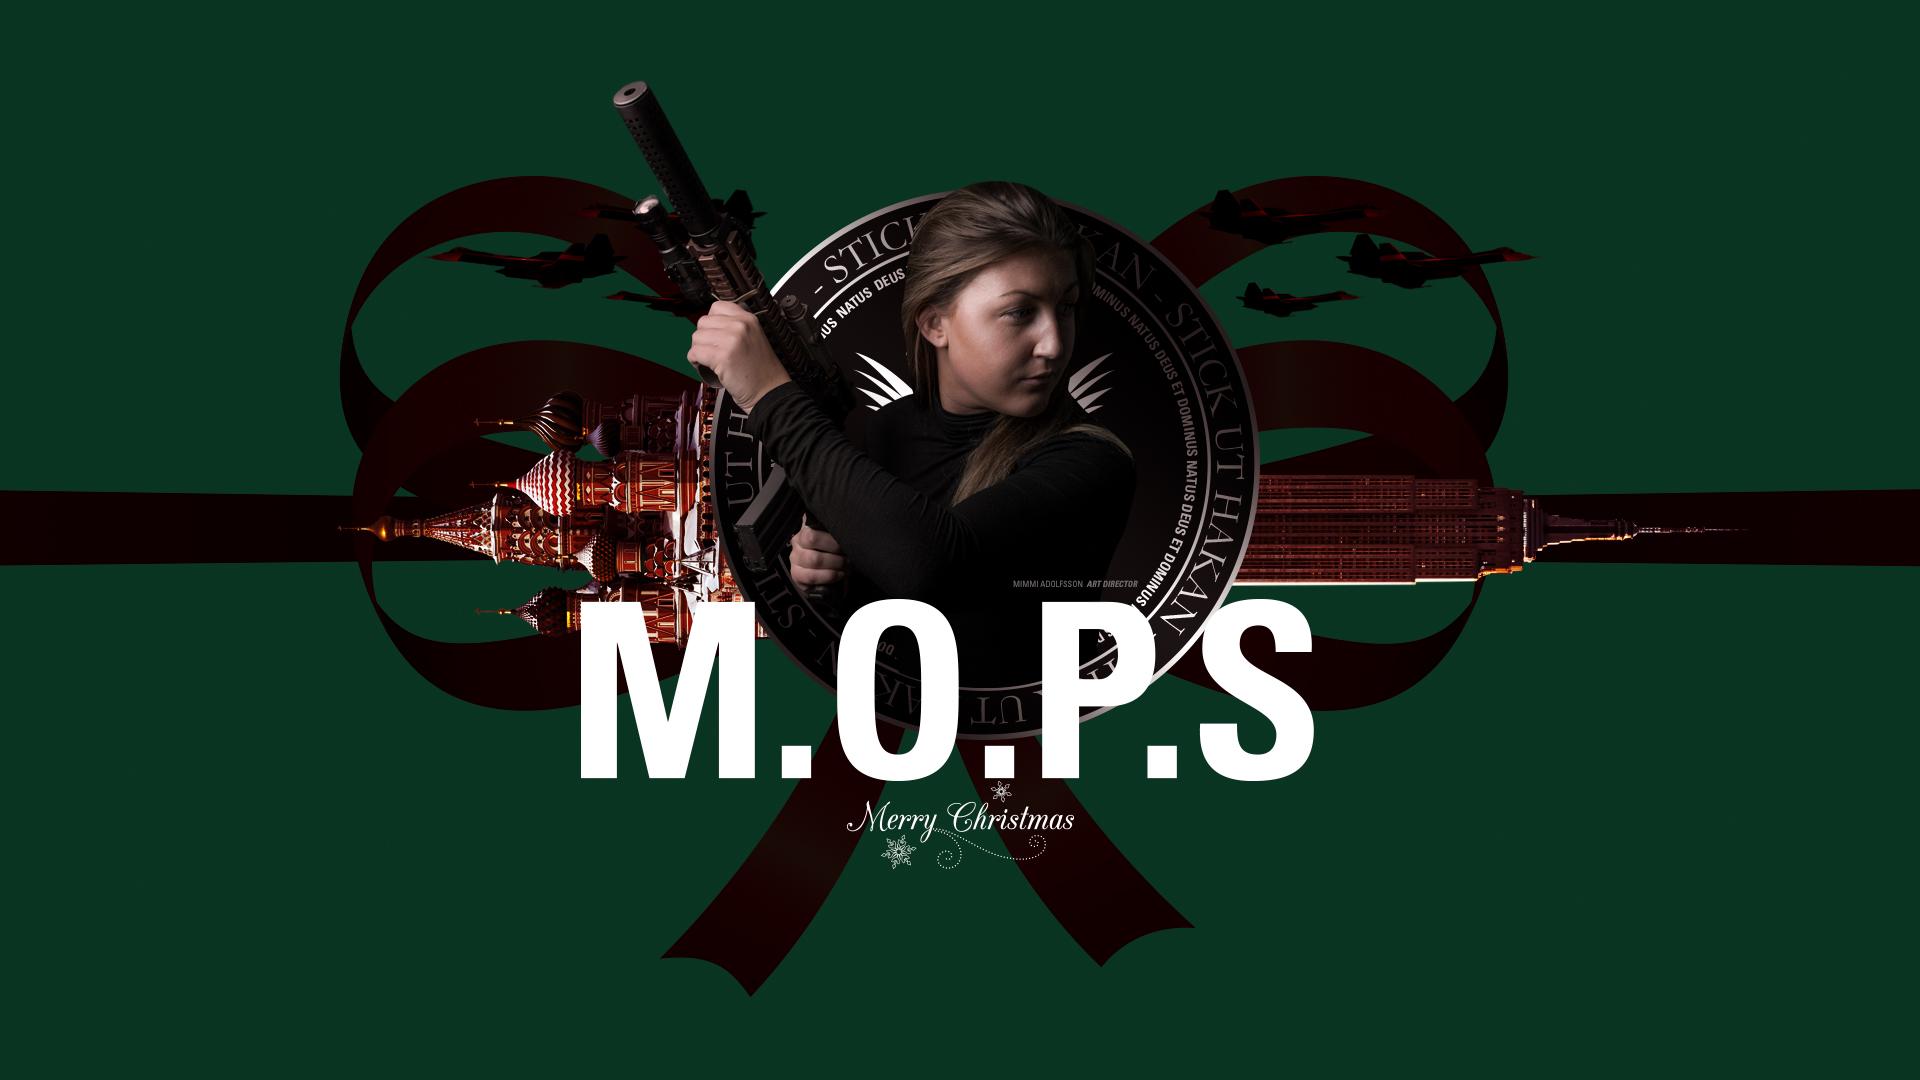 MOPS Xmas